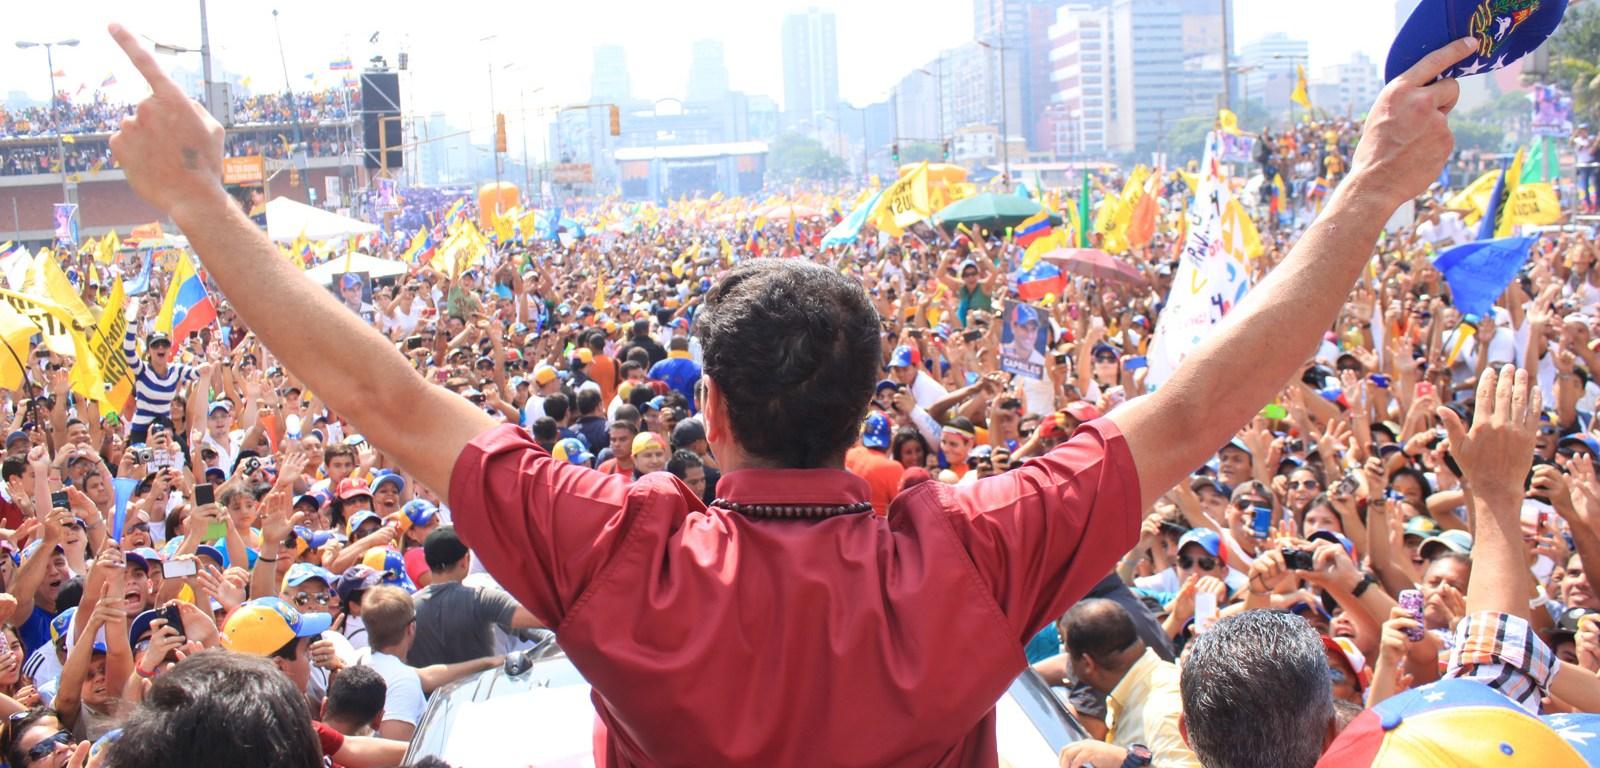 La-lección-venezolana